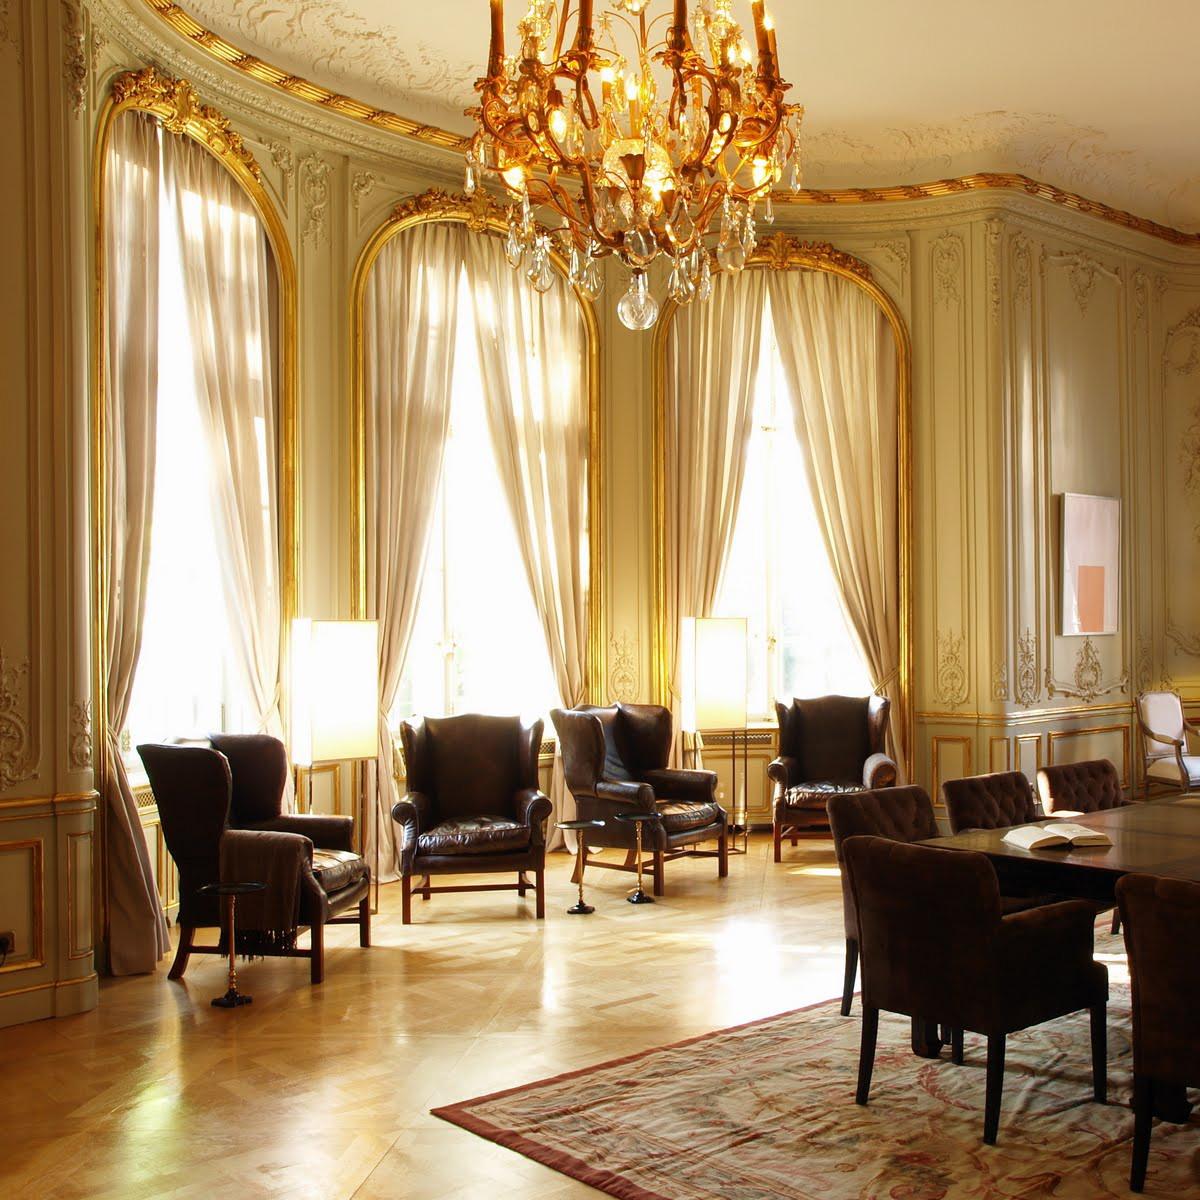 Schlosshotel-Grunewald-Berlin-8